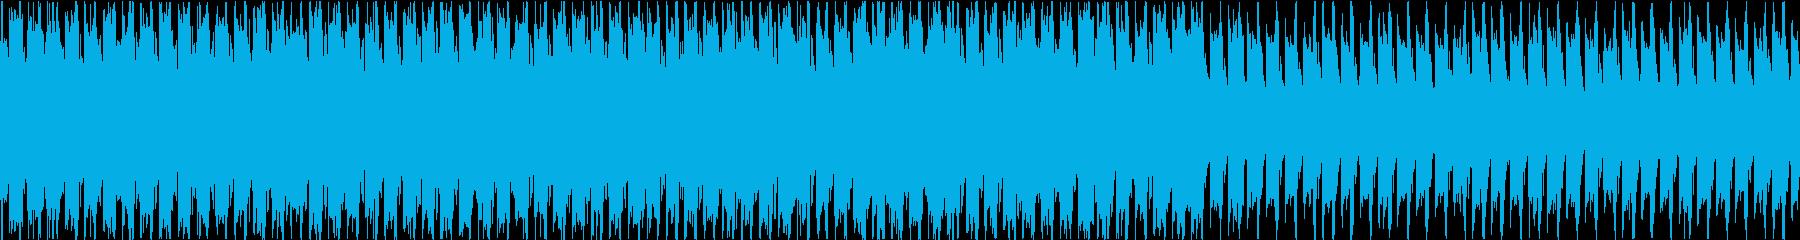 浮遊感のあるトランスBGMの再生済みの波形